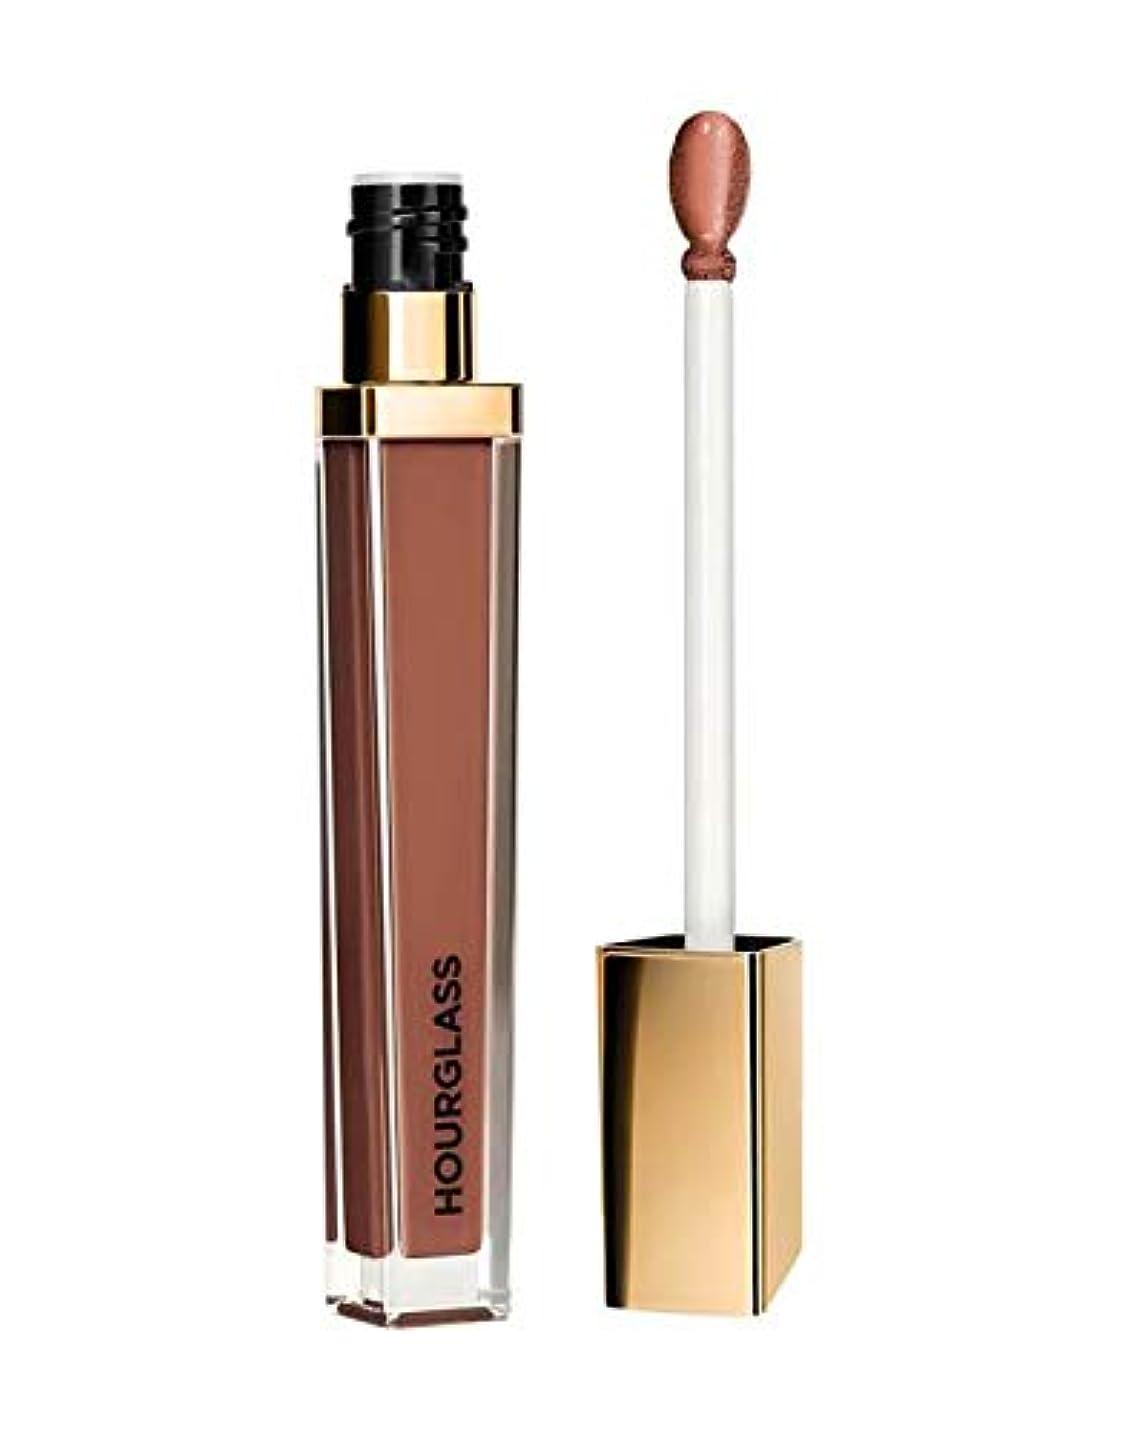 へこみ断言する貢献HOURGLASS Unreal™ High Shine Volumizing Lip Gloss (Dusk)